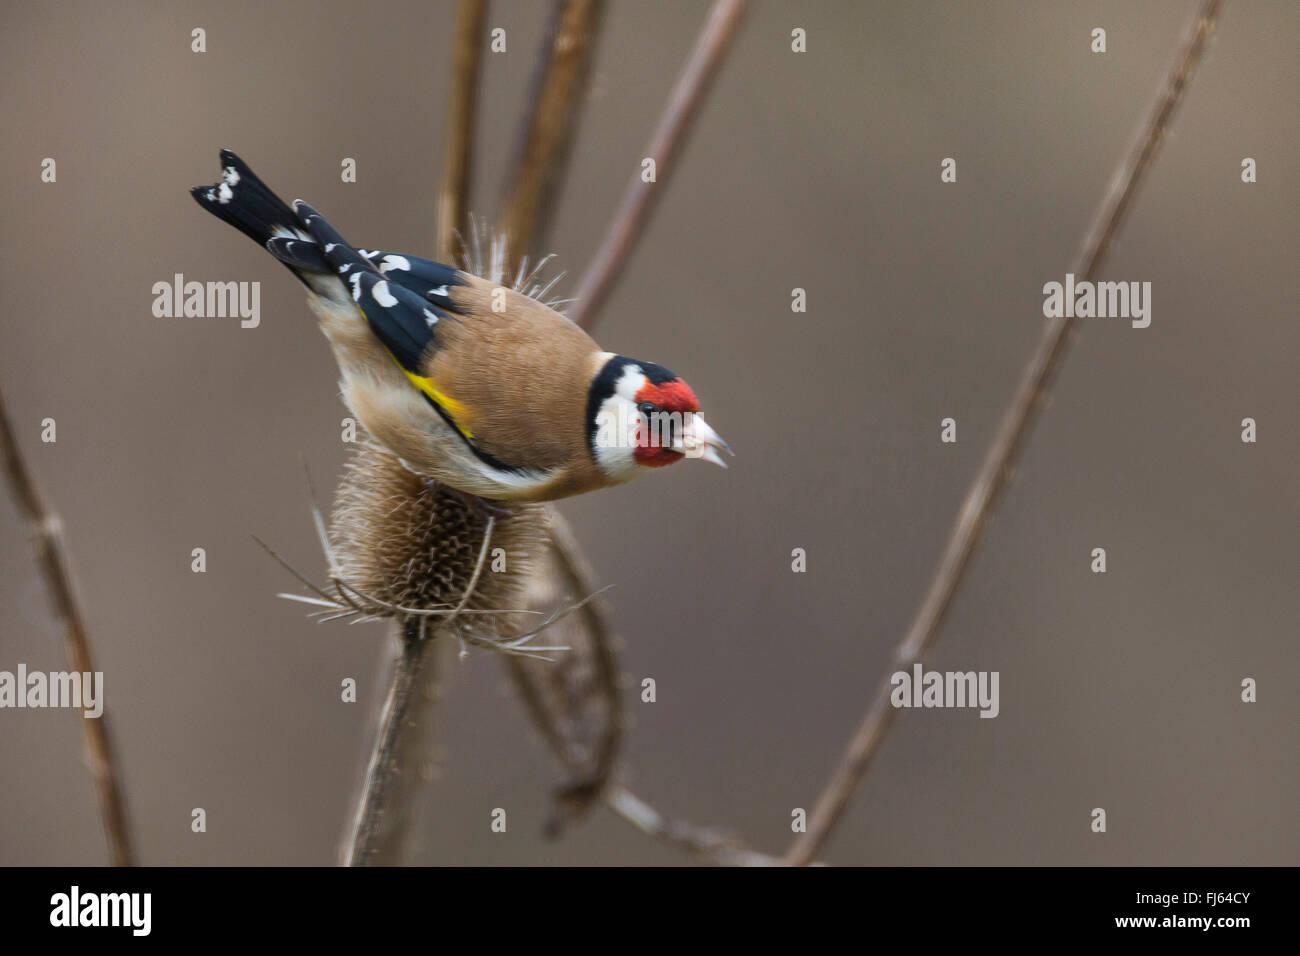 Eurasian goldfinch (Carduelis carduelis), feeding ob seeds of teazle, Germany - Stock Image